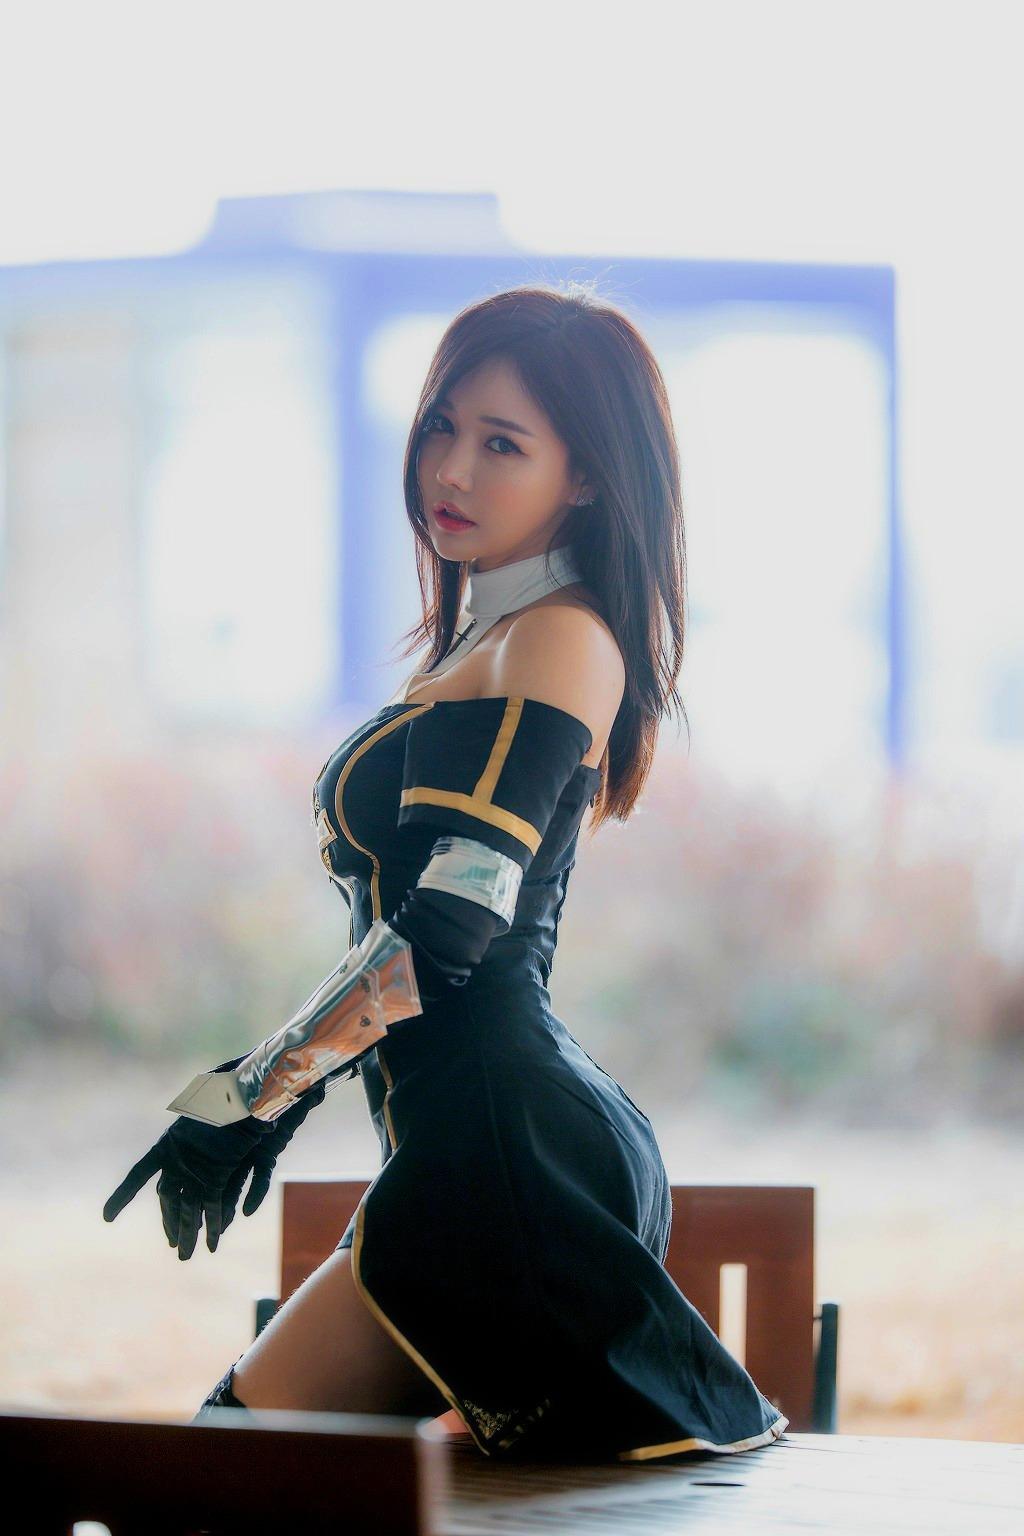 裸小柄なアジアの女性たち巨乳 - fairecartdistes blog